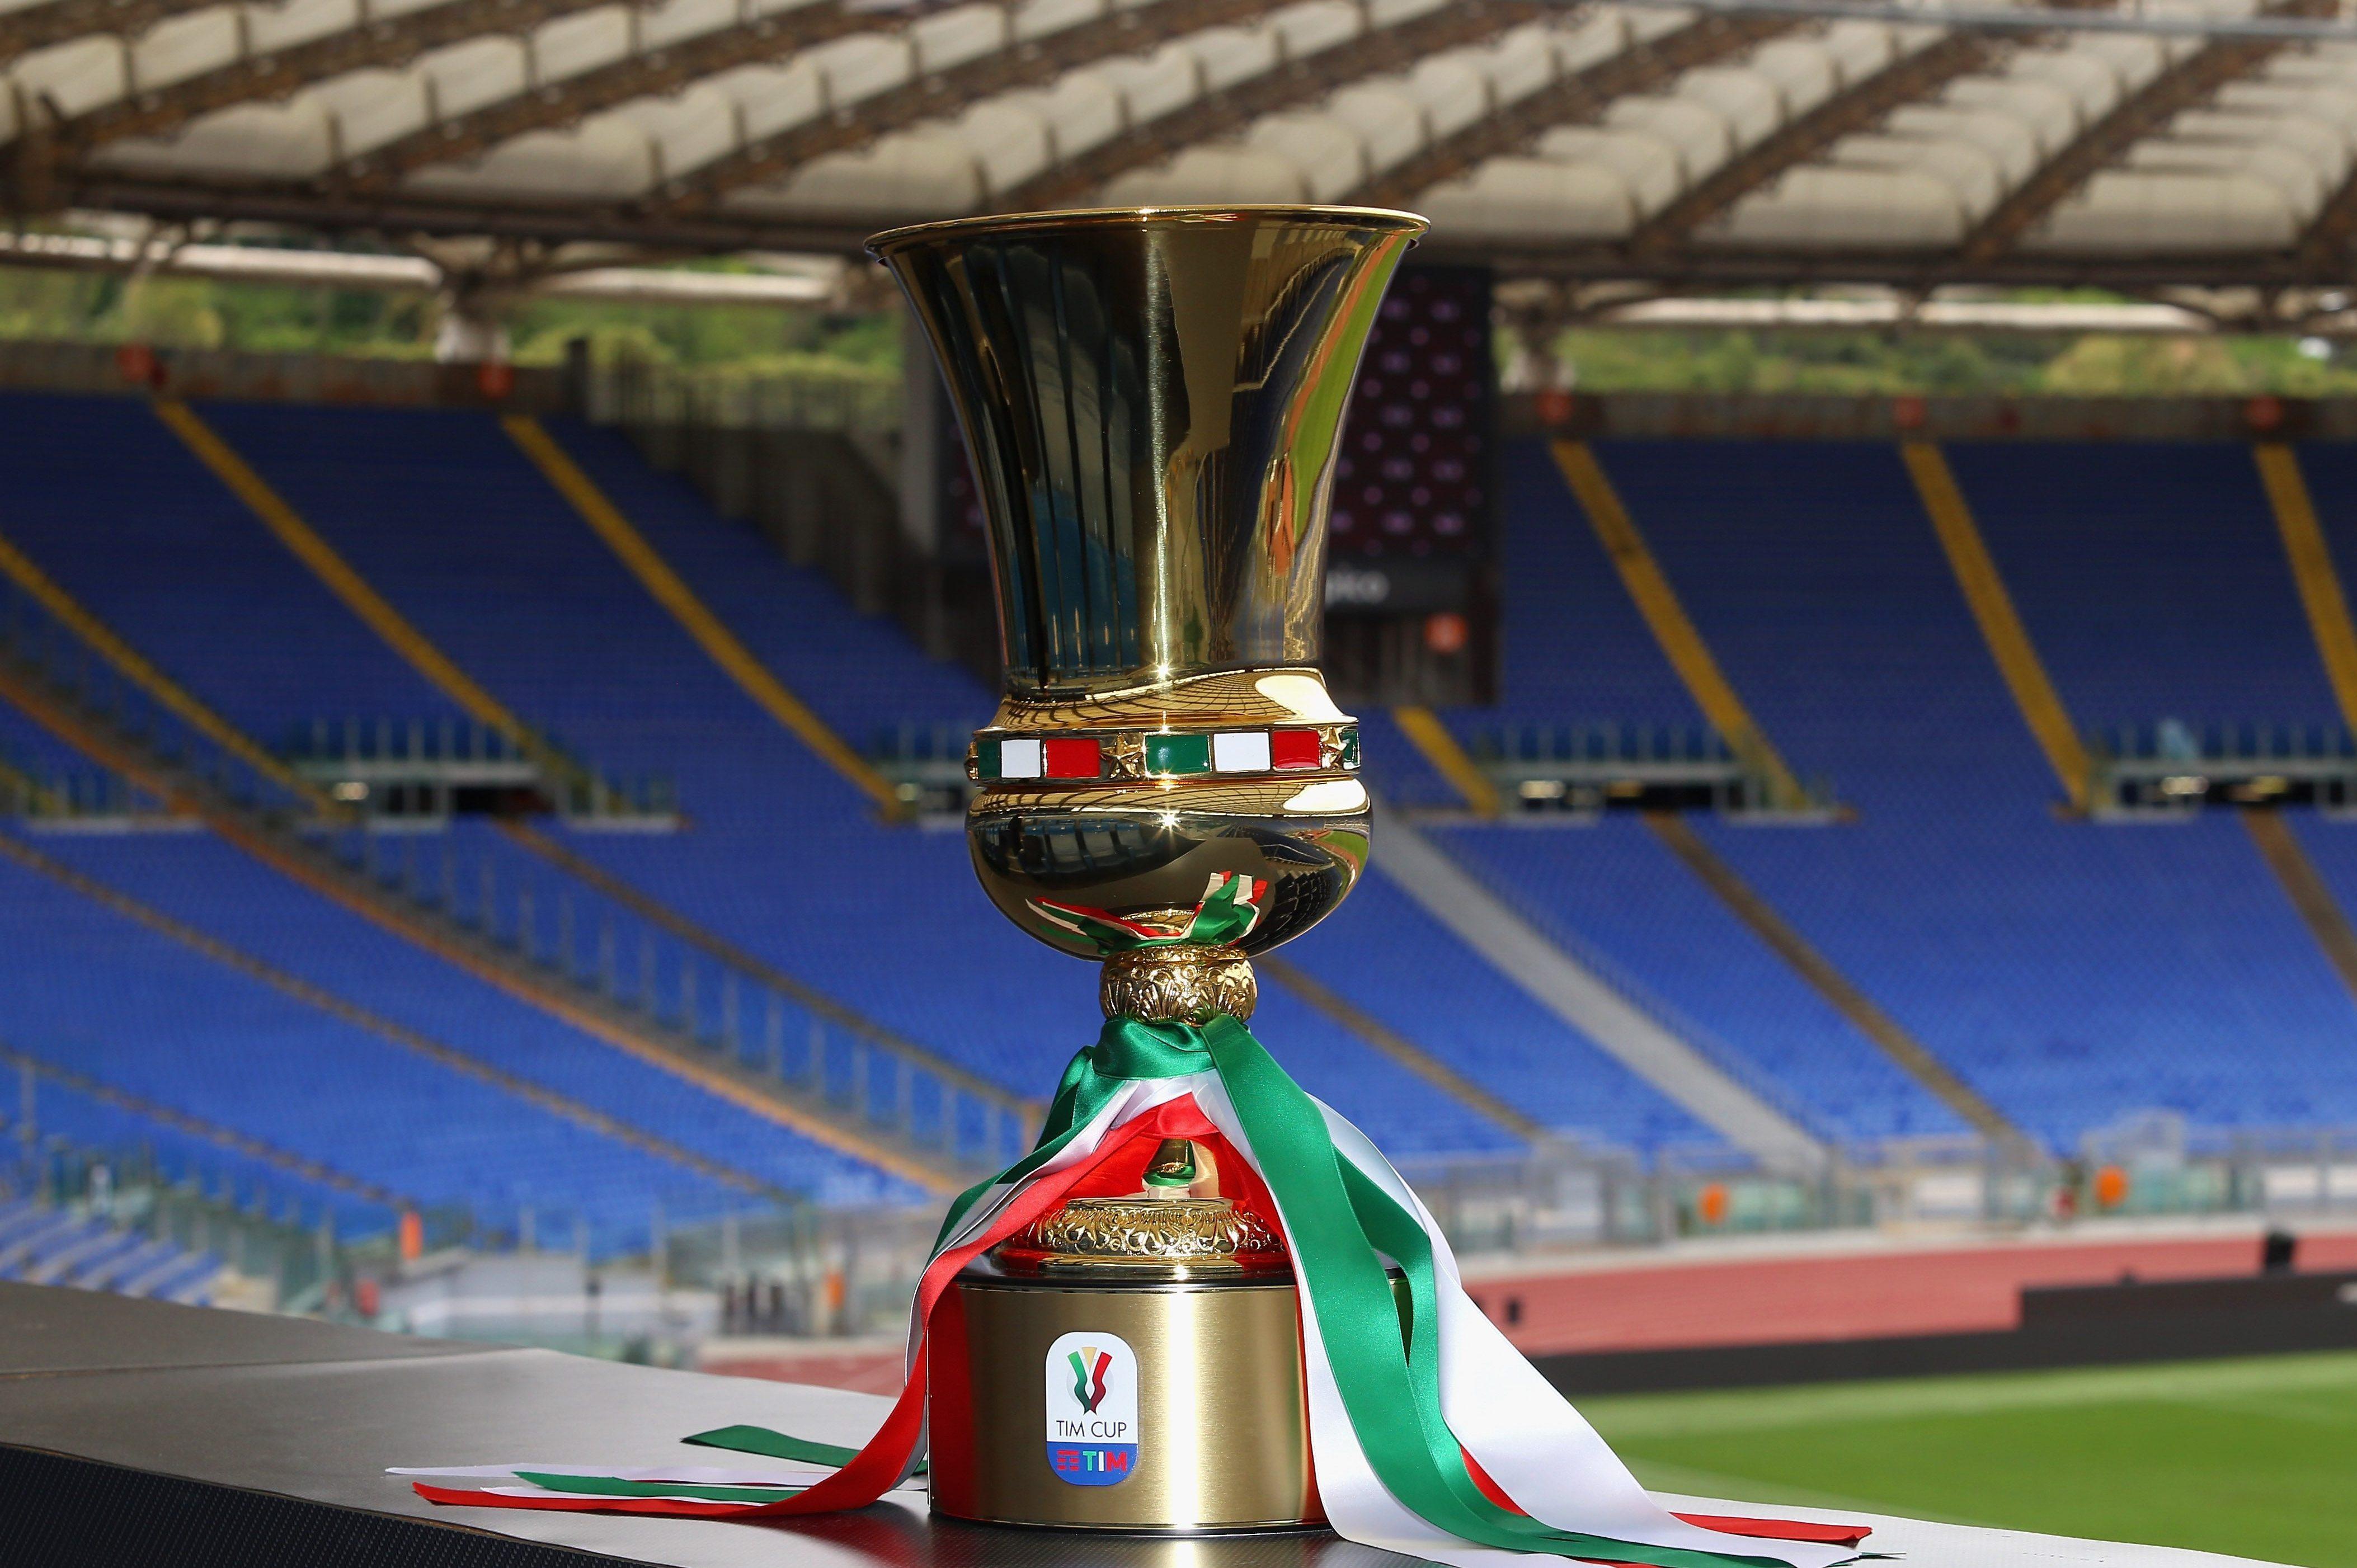 Tabellone Coppa Italia 2019/2020: Napoli-Lazio, via ai